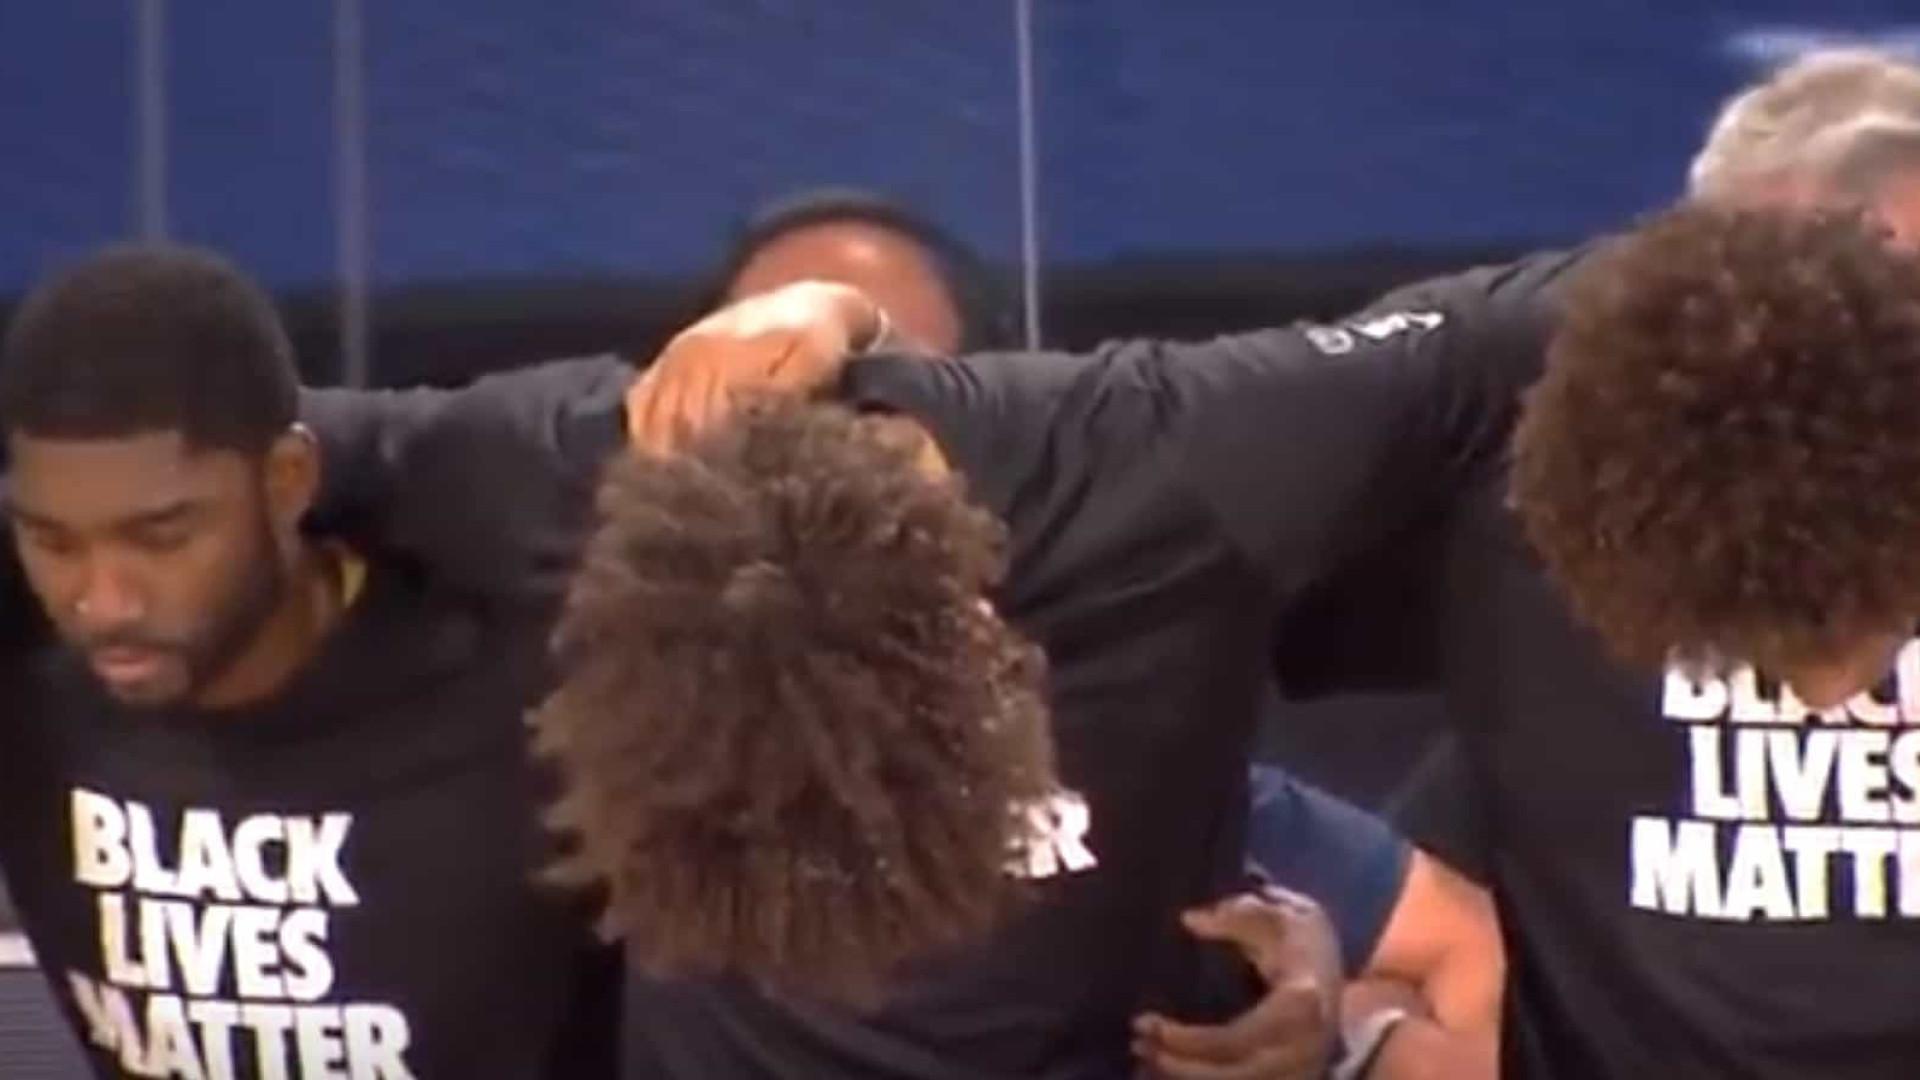 NBA recomeça com atletas ajoelhados durante hino e camisas de protesto